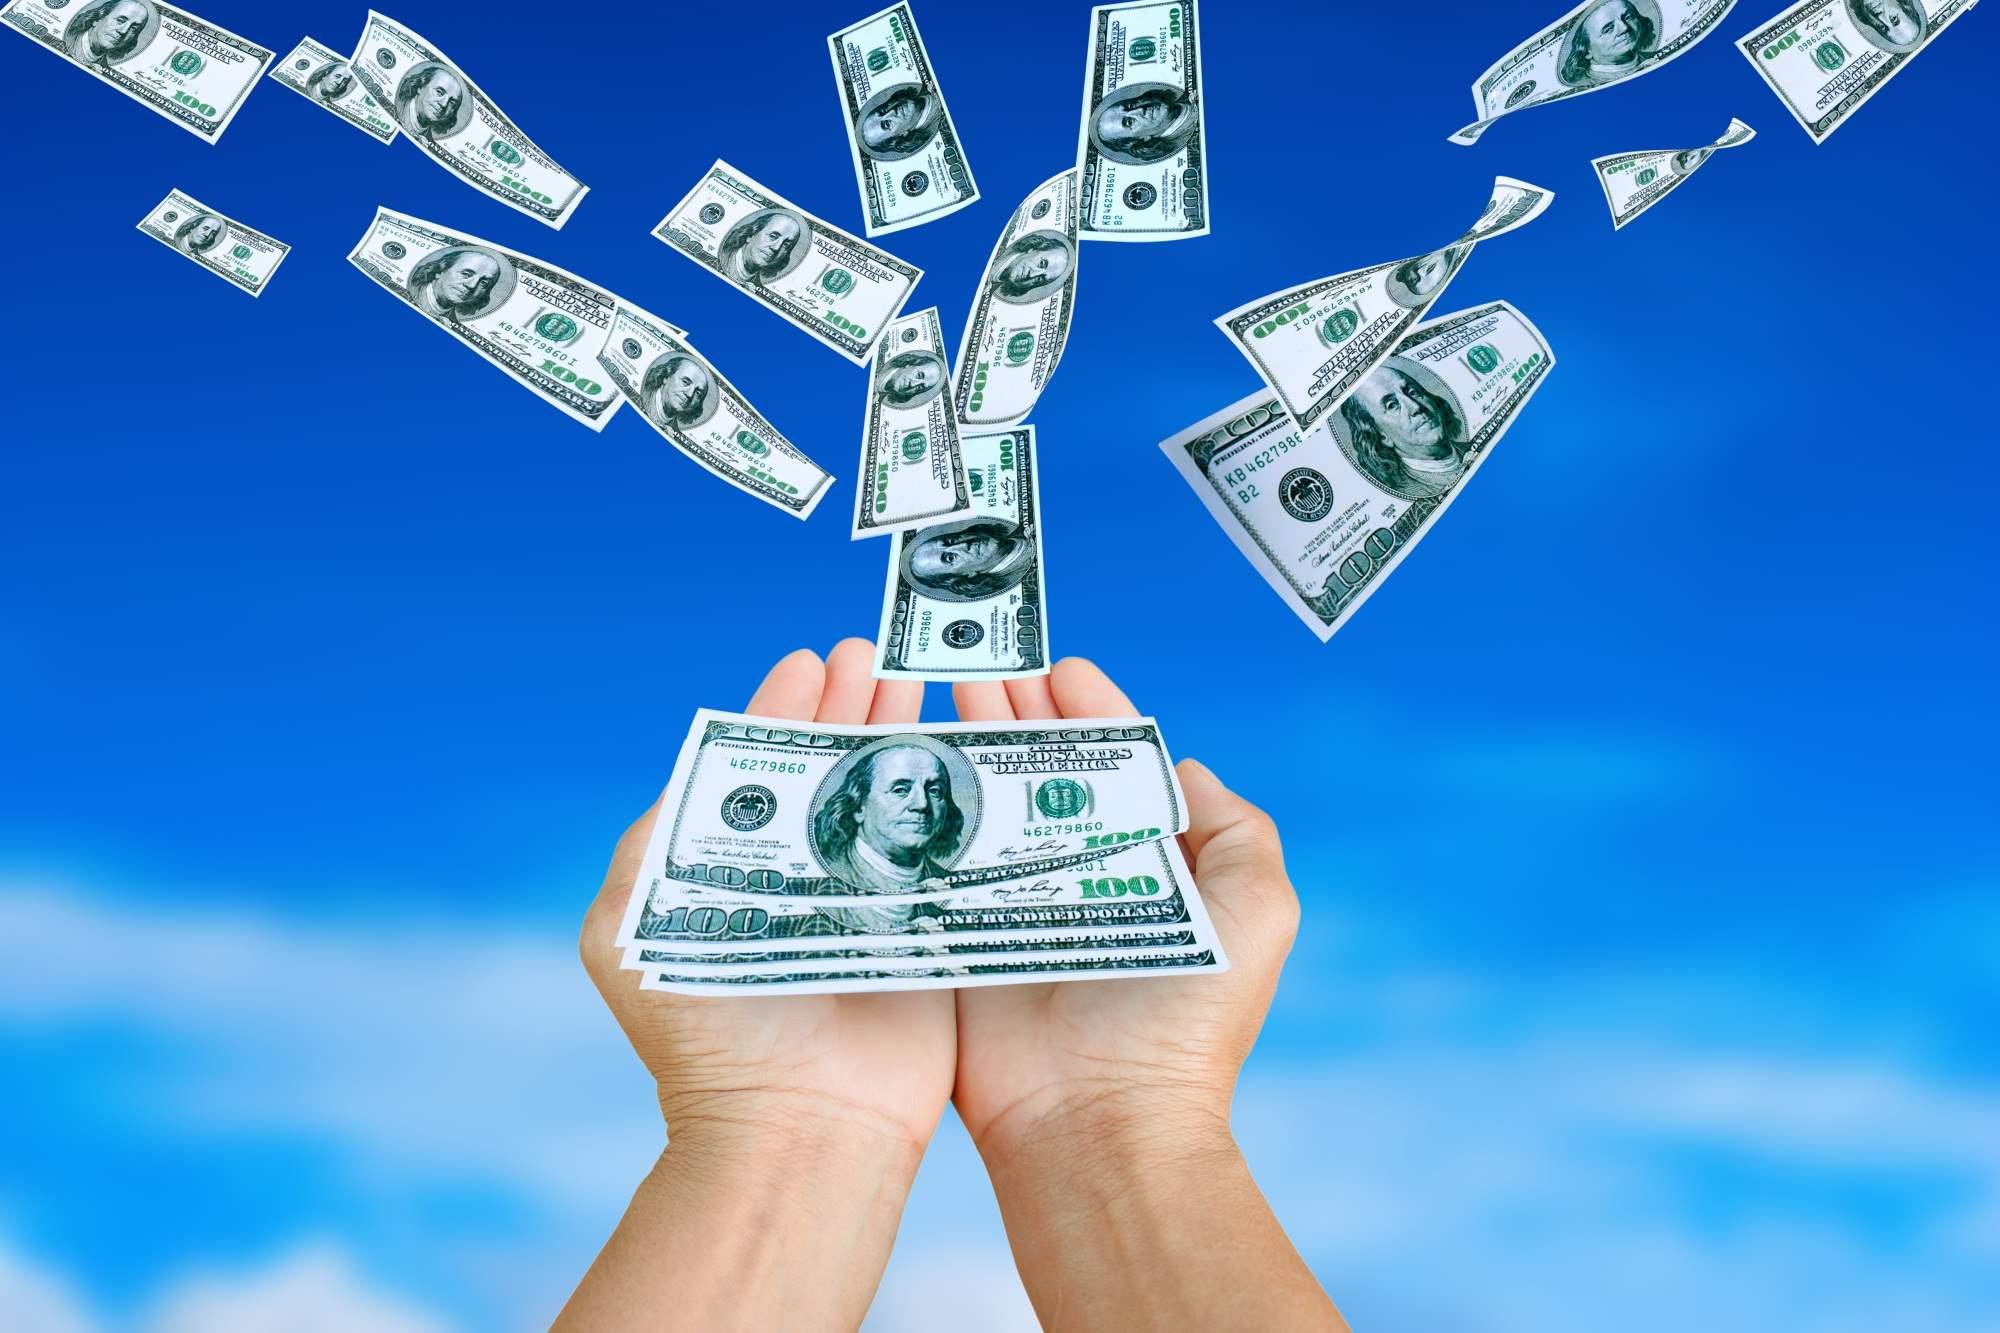 como ganhar dinheiro como afiliado